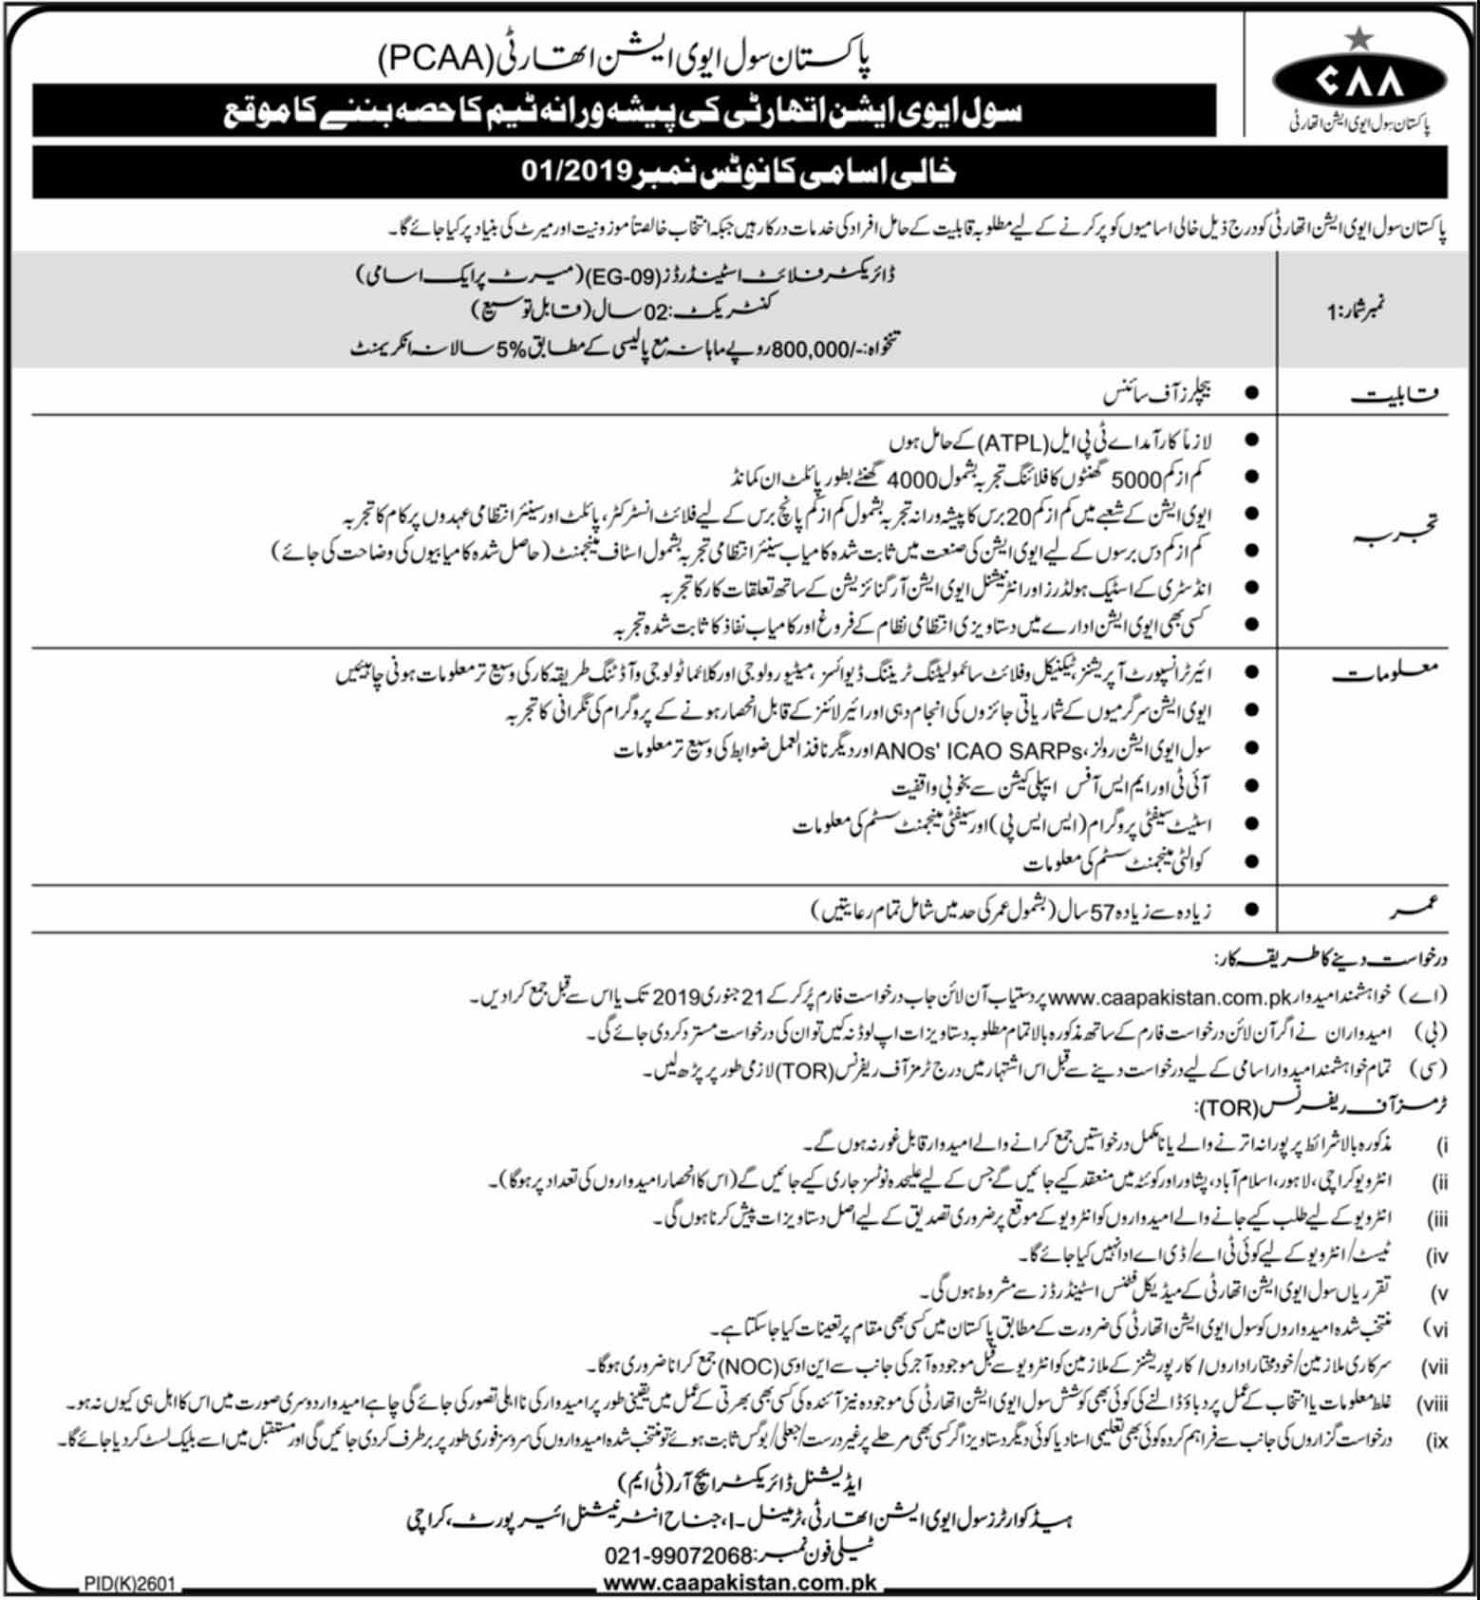 Pakistan Civil Aviation Authority PCAA Jobs